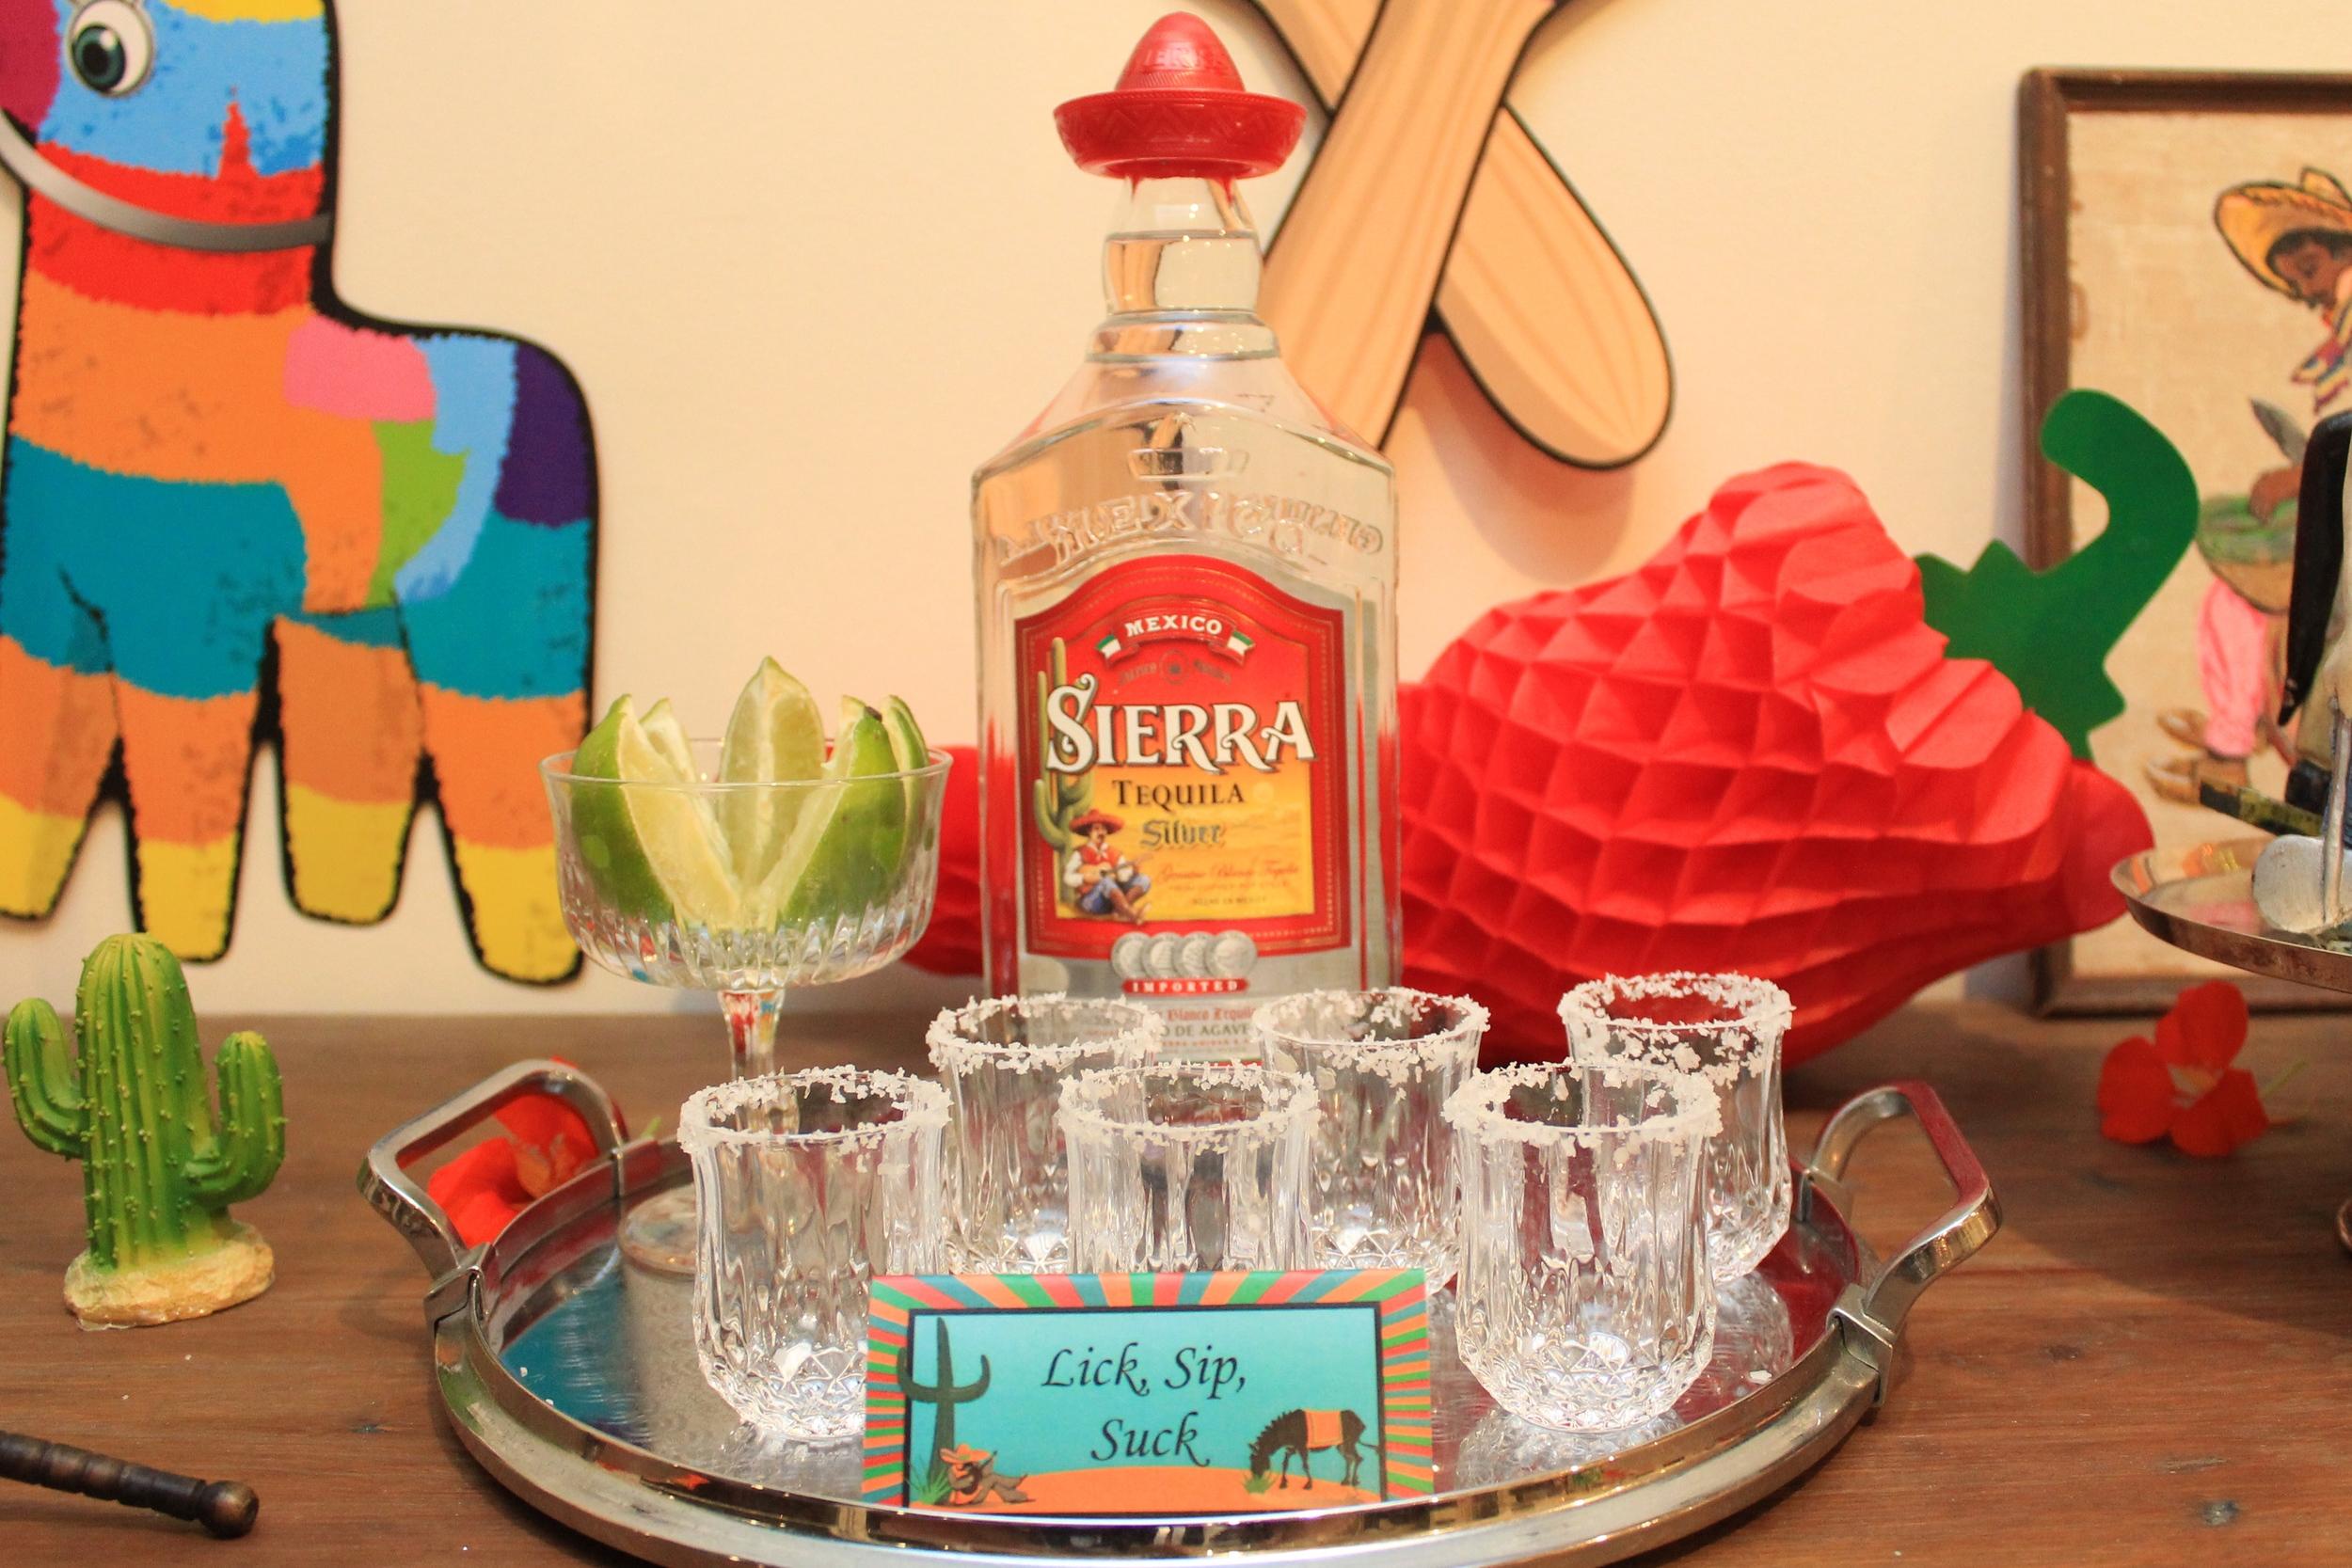 Tequila, Lick, Sip, Suck